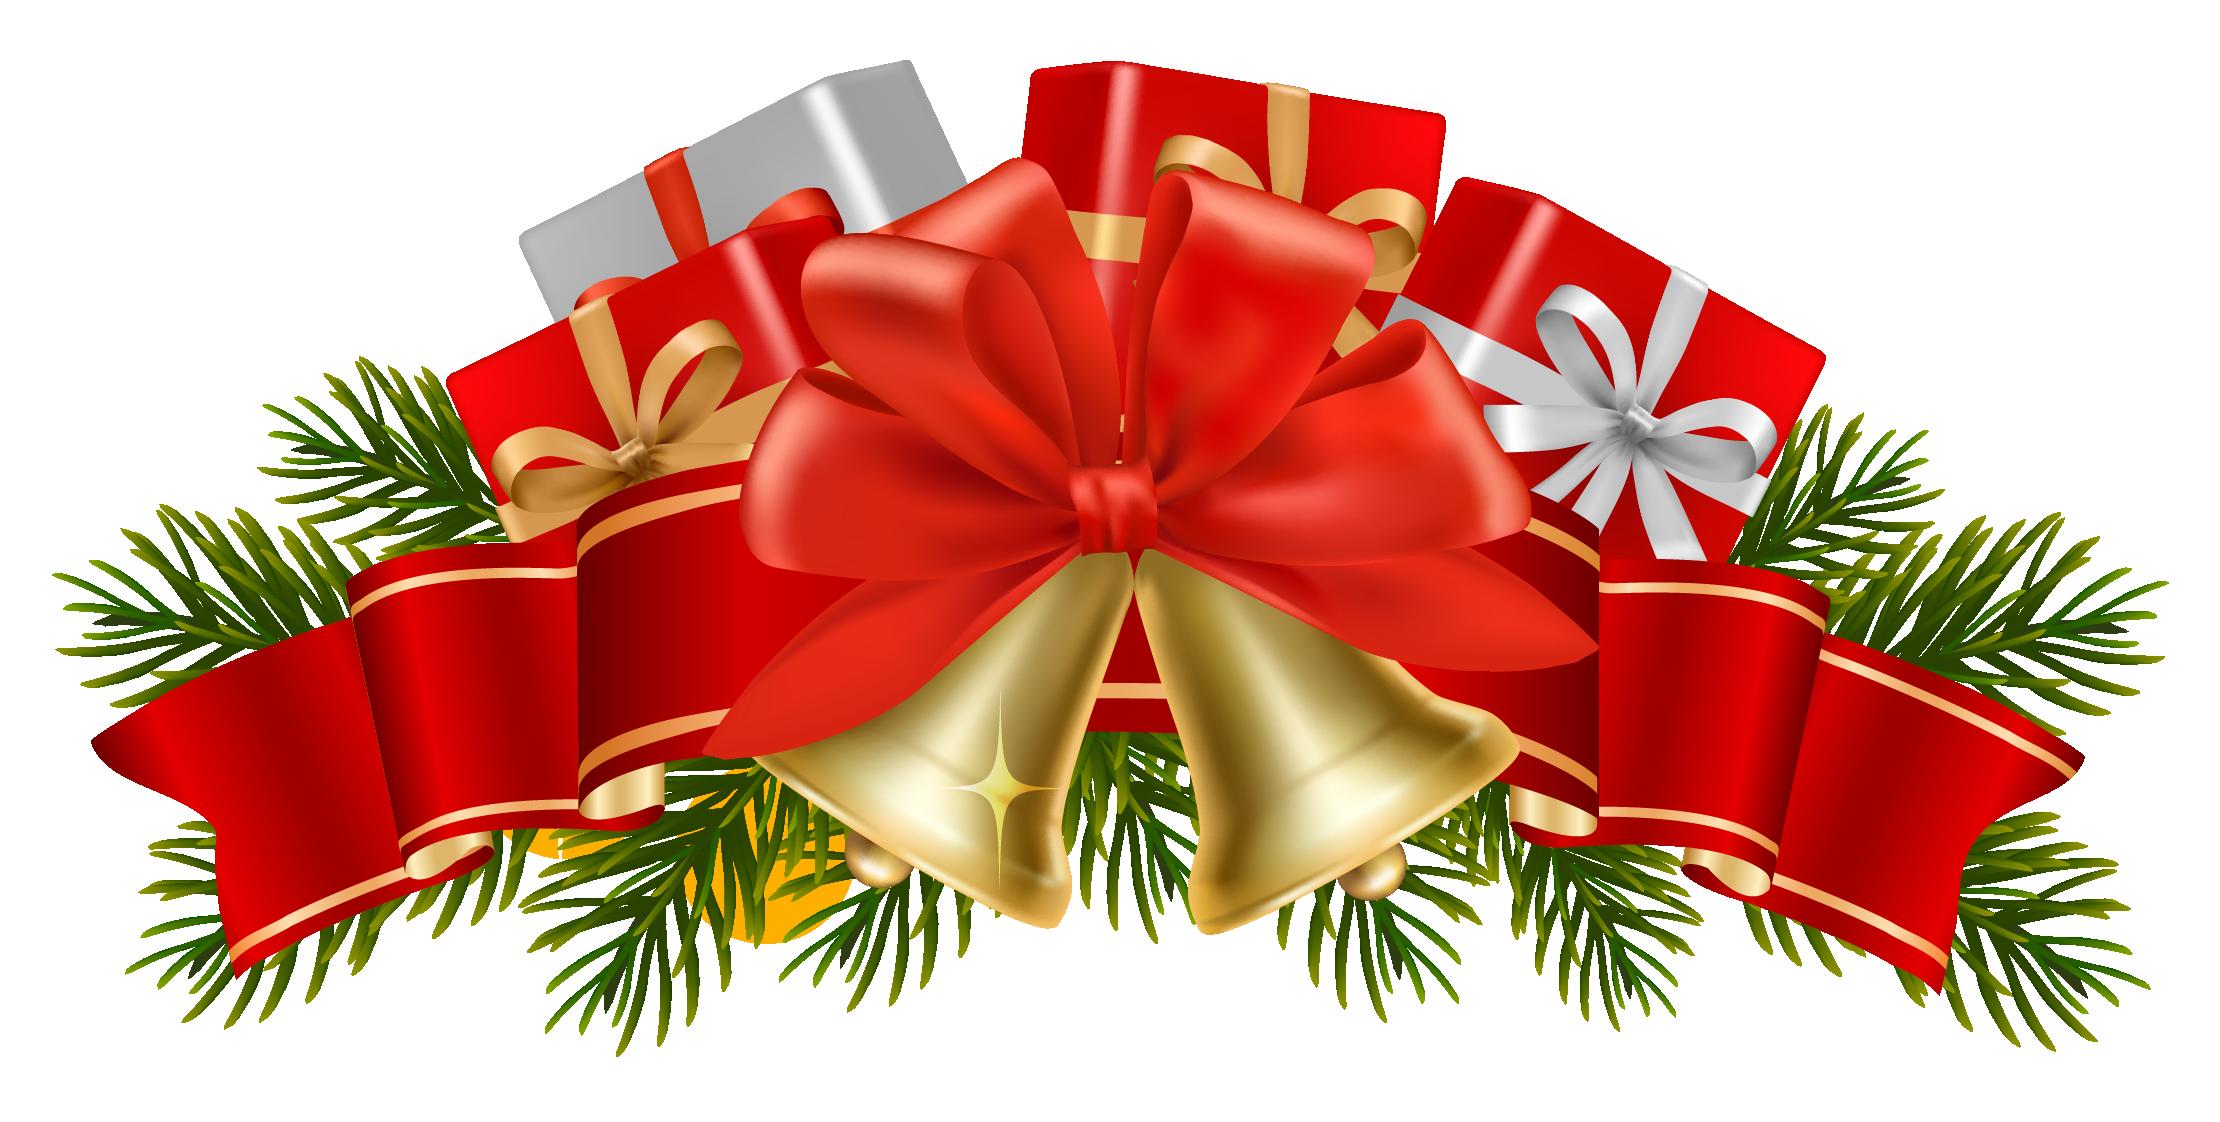 Transparent Christmas Decor .-Transparent Christmas Decor .-4